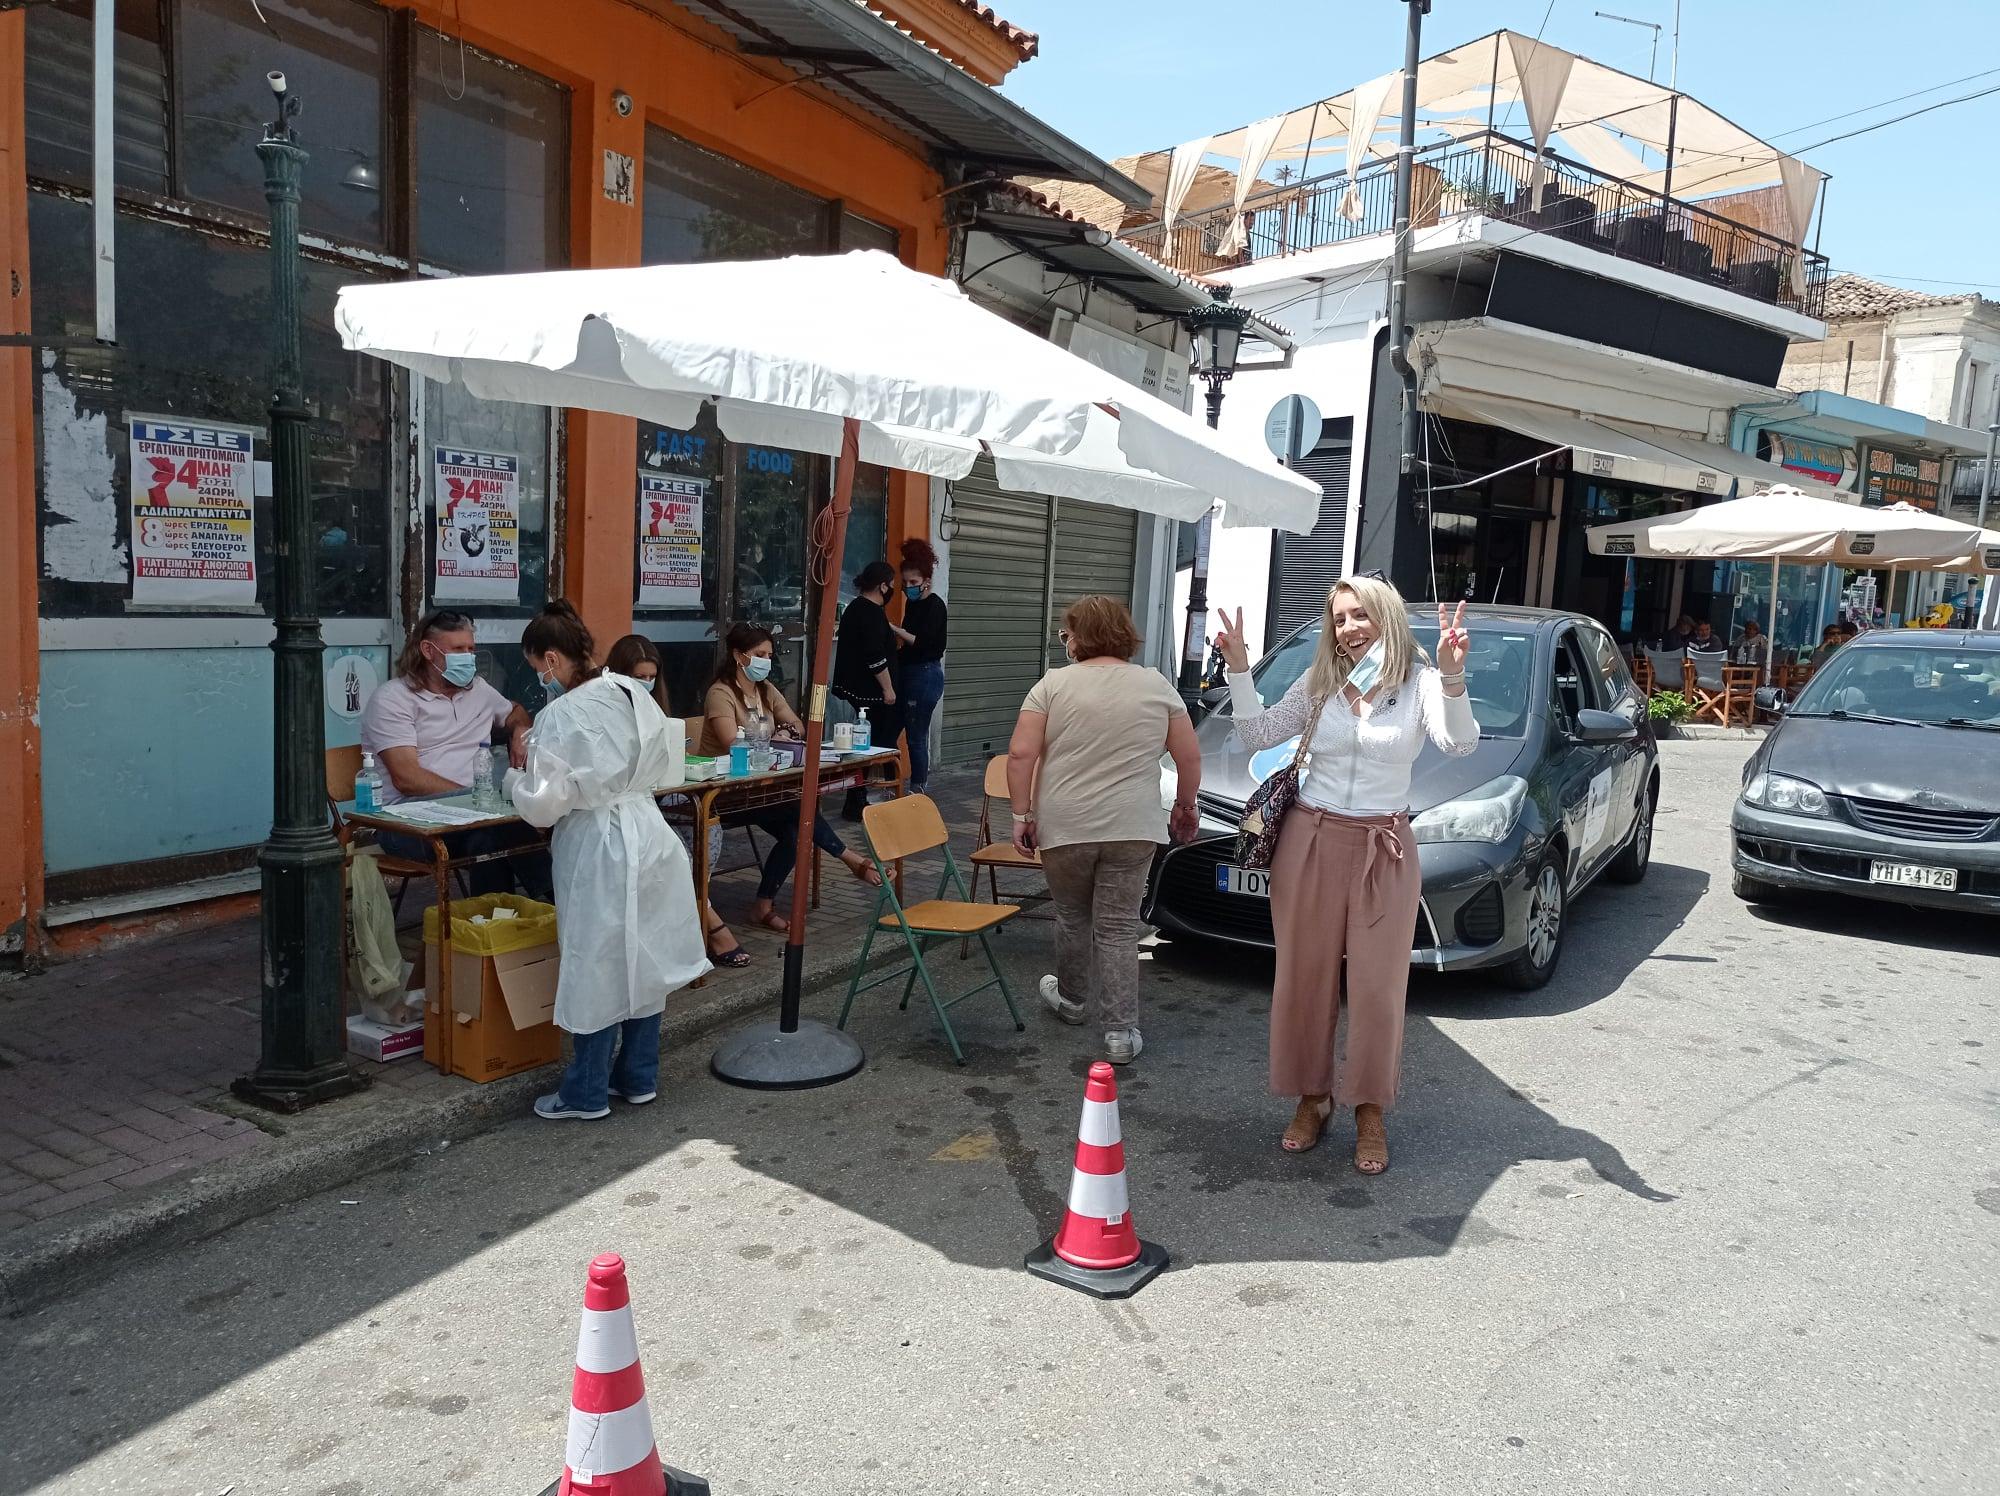 Δήμος Ανδρίτσαινας-Κρεστένων: Αρνητικά όλα τα rapid test που έγιναν σήμερα Τετάρτη 26/5 στην Κρέστενα (photos)